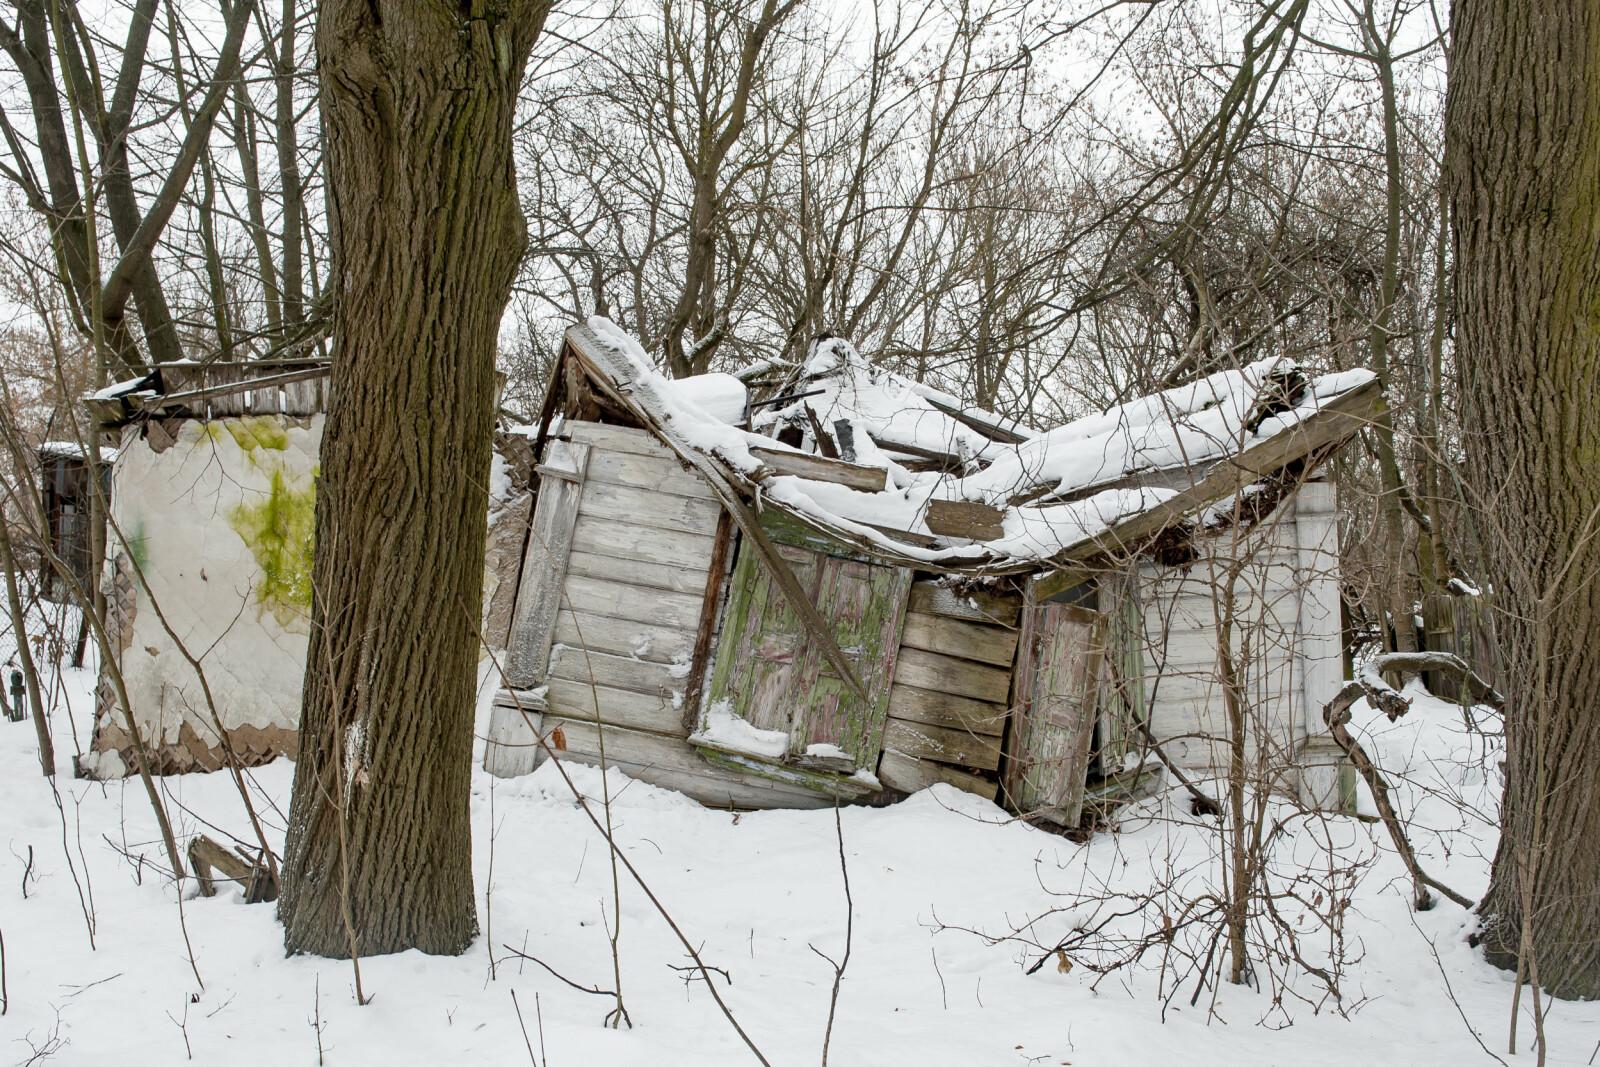 <b>TAR TILBAKE:</b> Landsbyen Zalissya. Befolkningen ble evakuert i 1986 med beskjed om at de kunne få vende tilbake snart. Det har ennå ikke skjedd. I Zalissya kan en se hva som skjer når menneskene forsvinner og naturen tar tilbake.